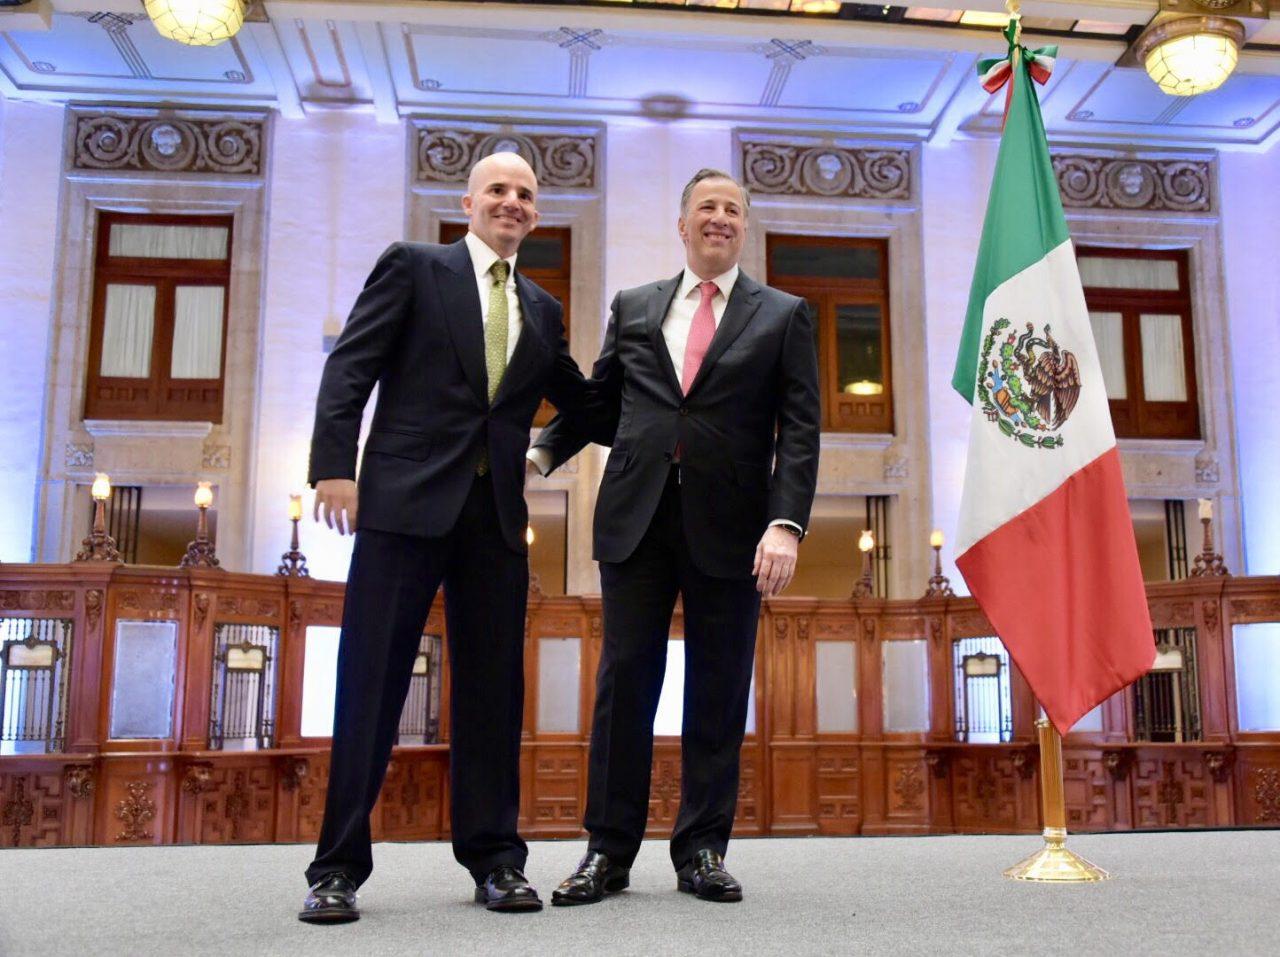 Meade y González Anaya, consentidos de los mercados: expertos